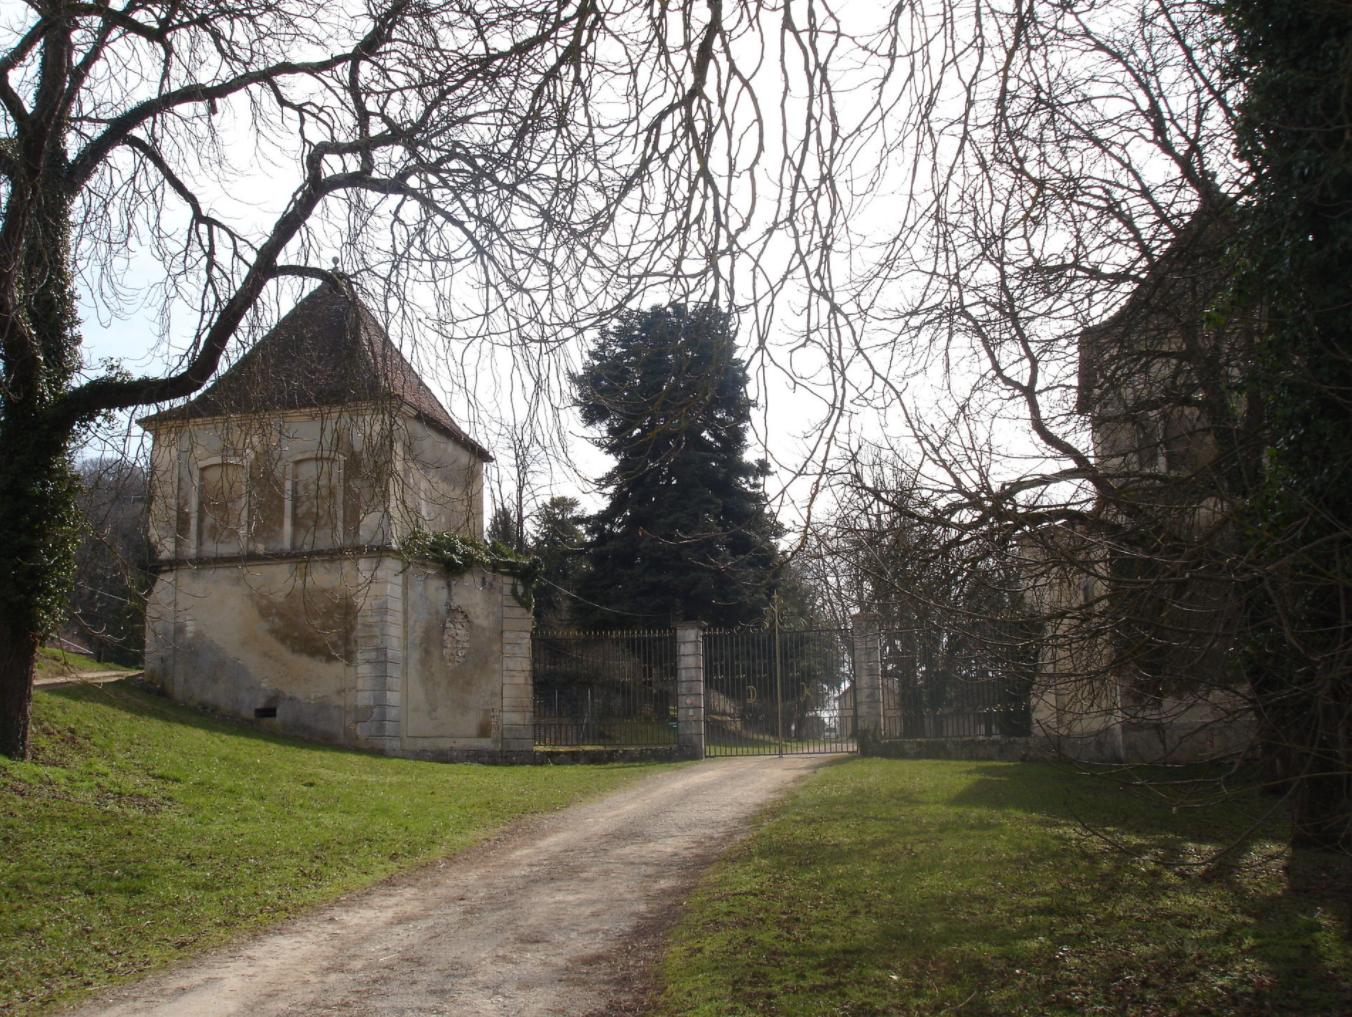 chateau dizimieu 5.png